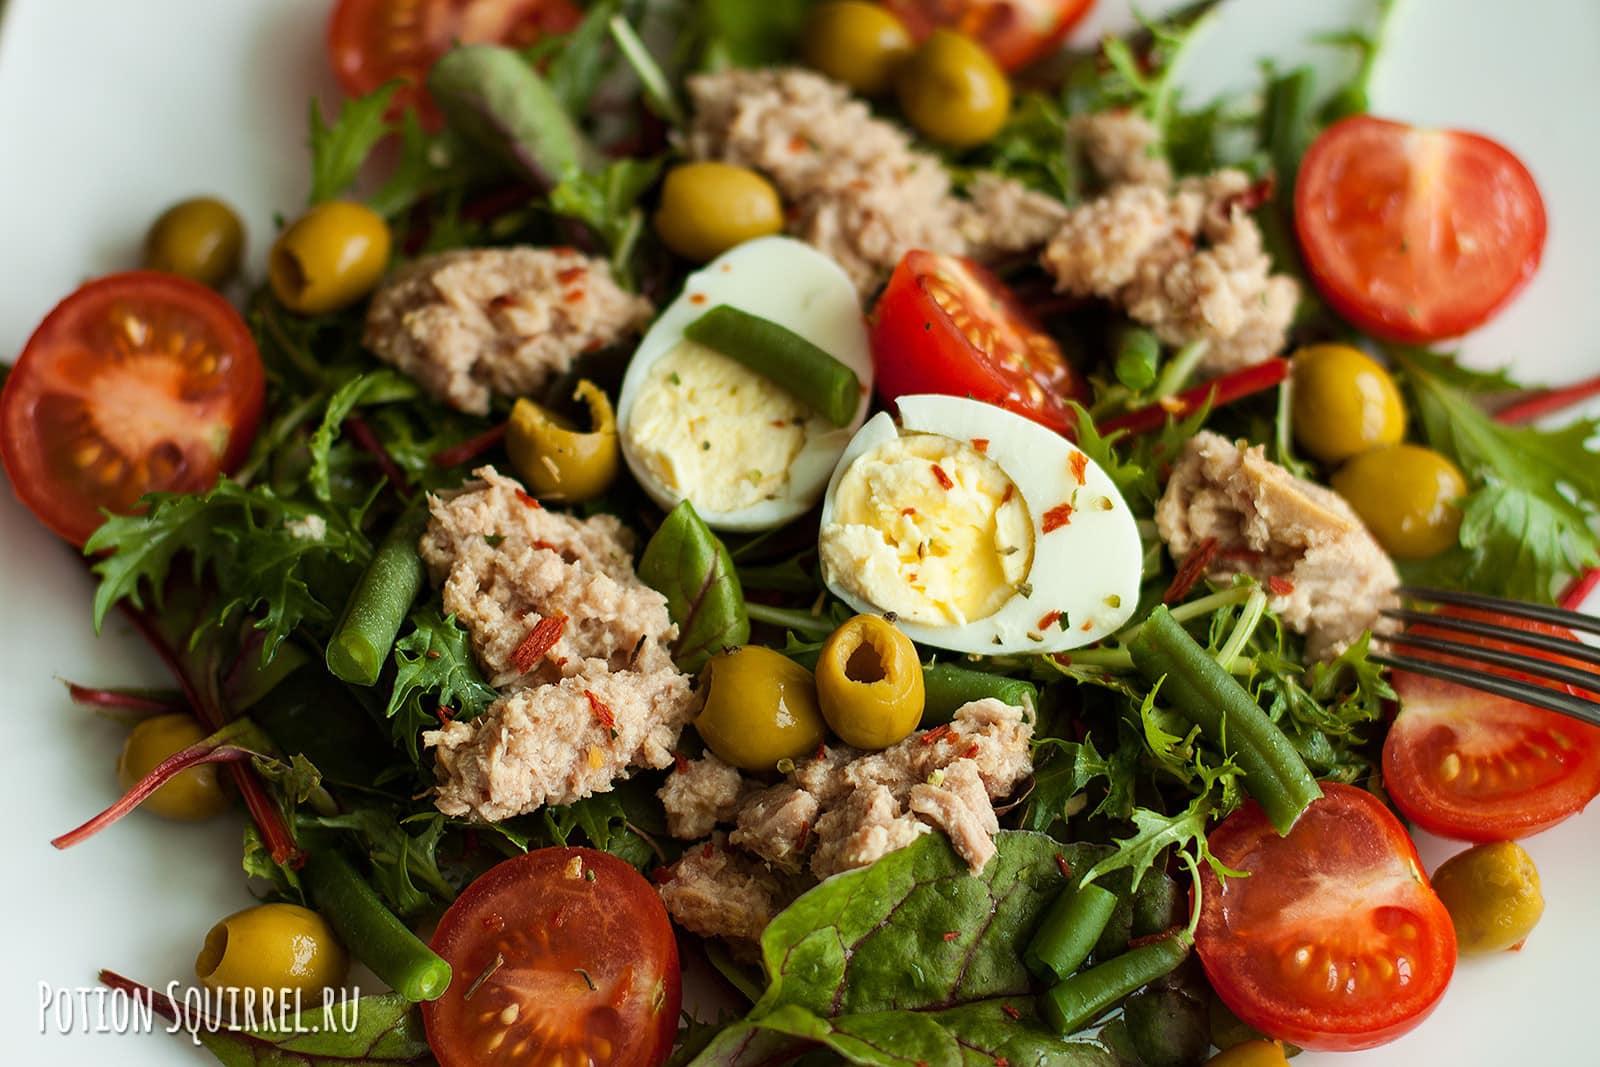 Идеальный летний салат с консервированным тунцом Нисуаз от potionsquirrel.ru